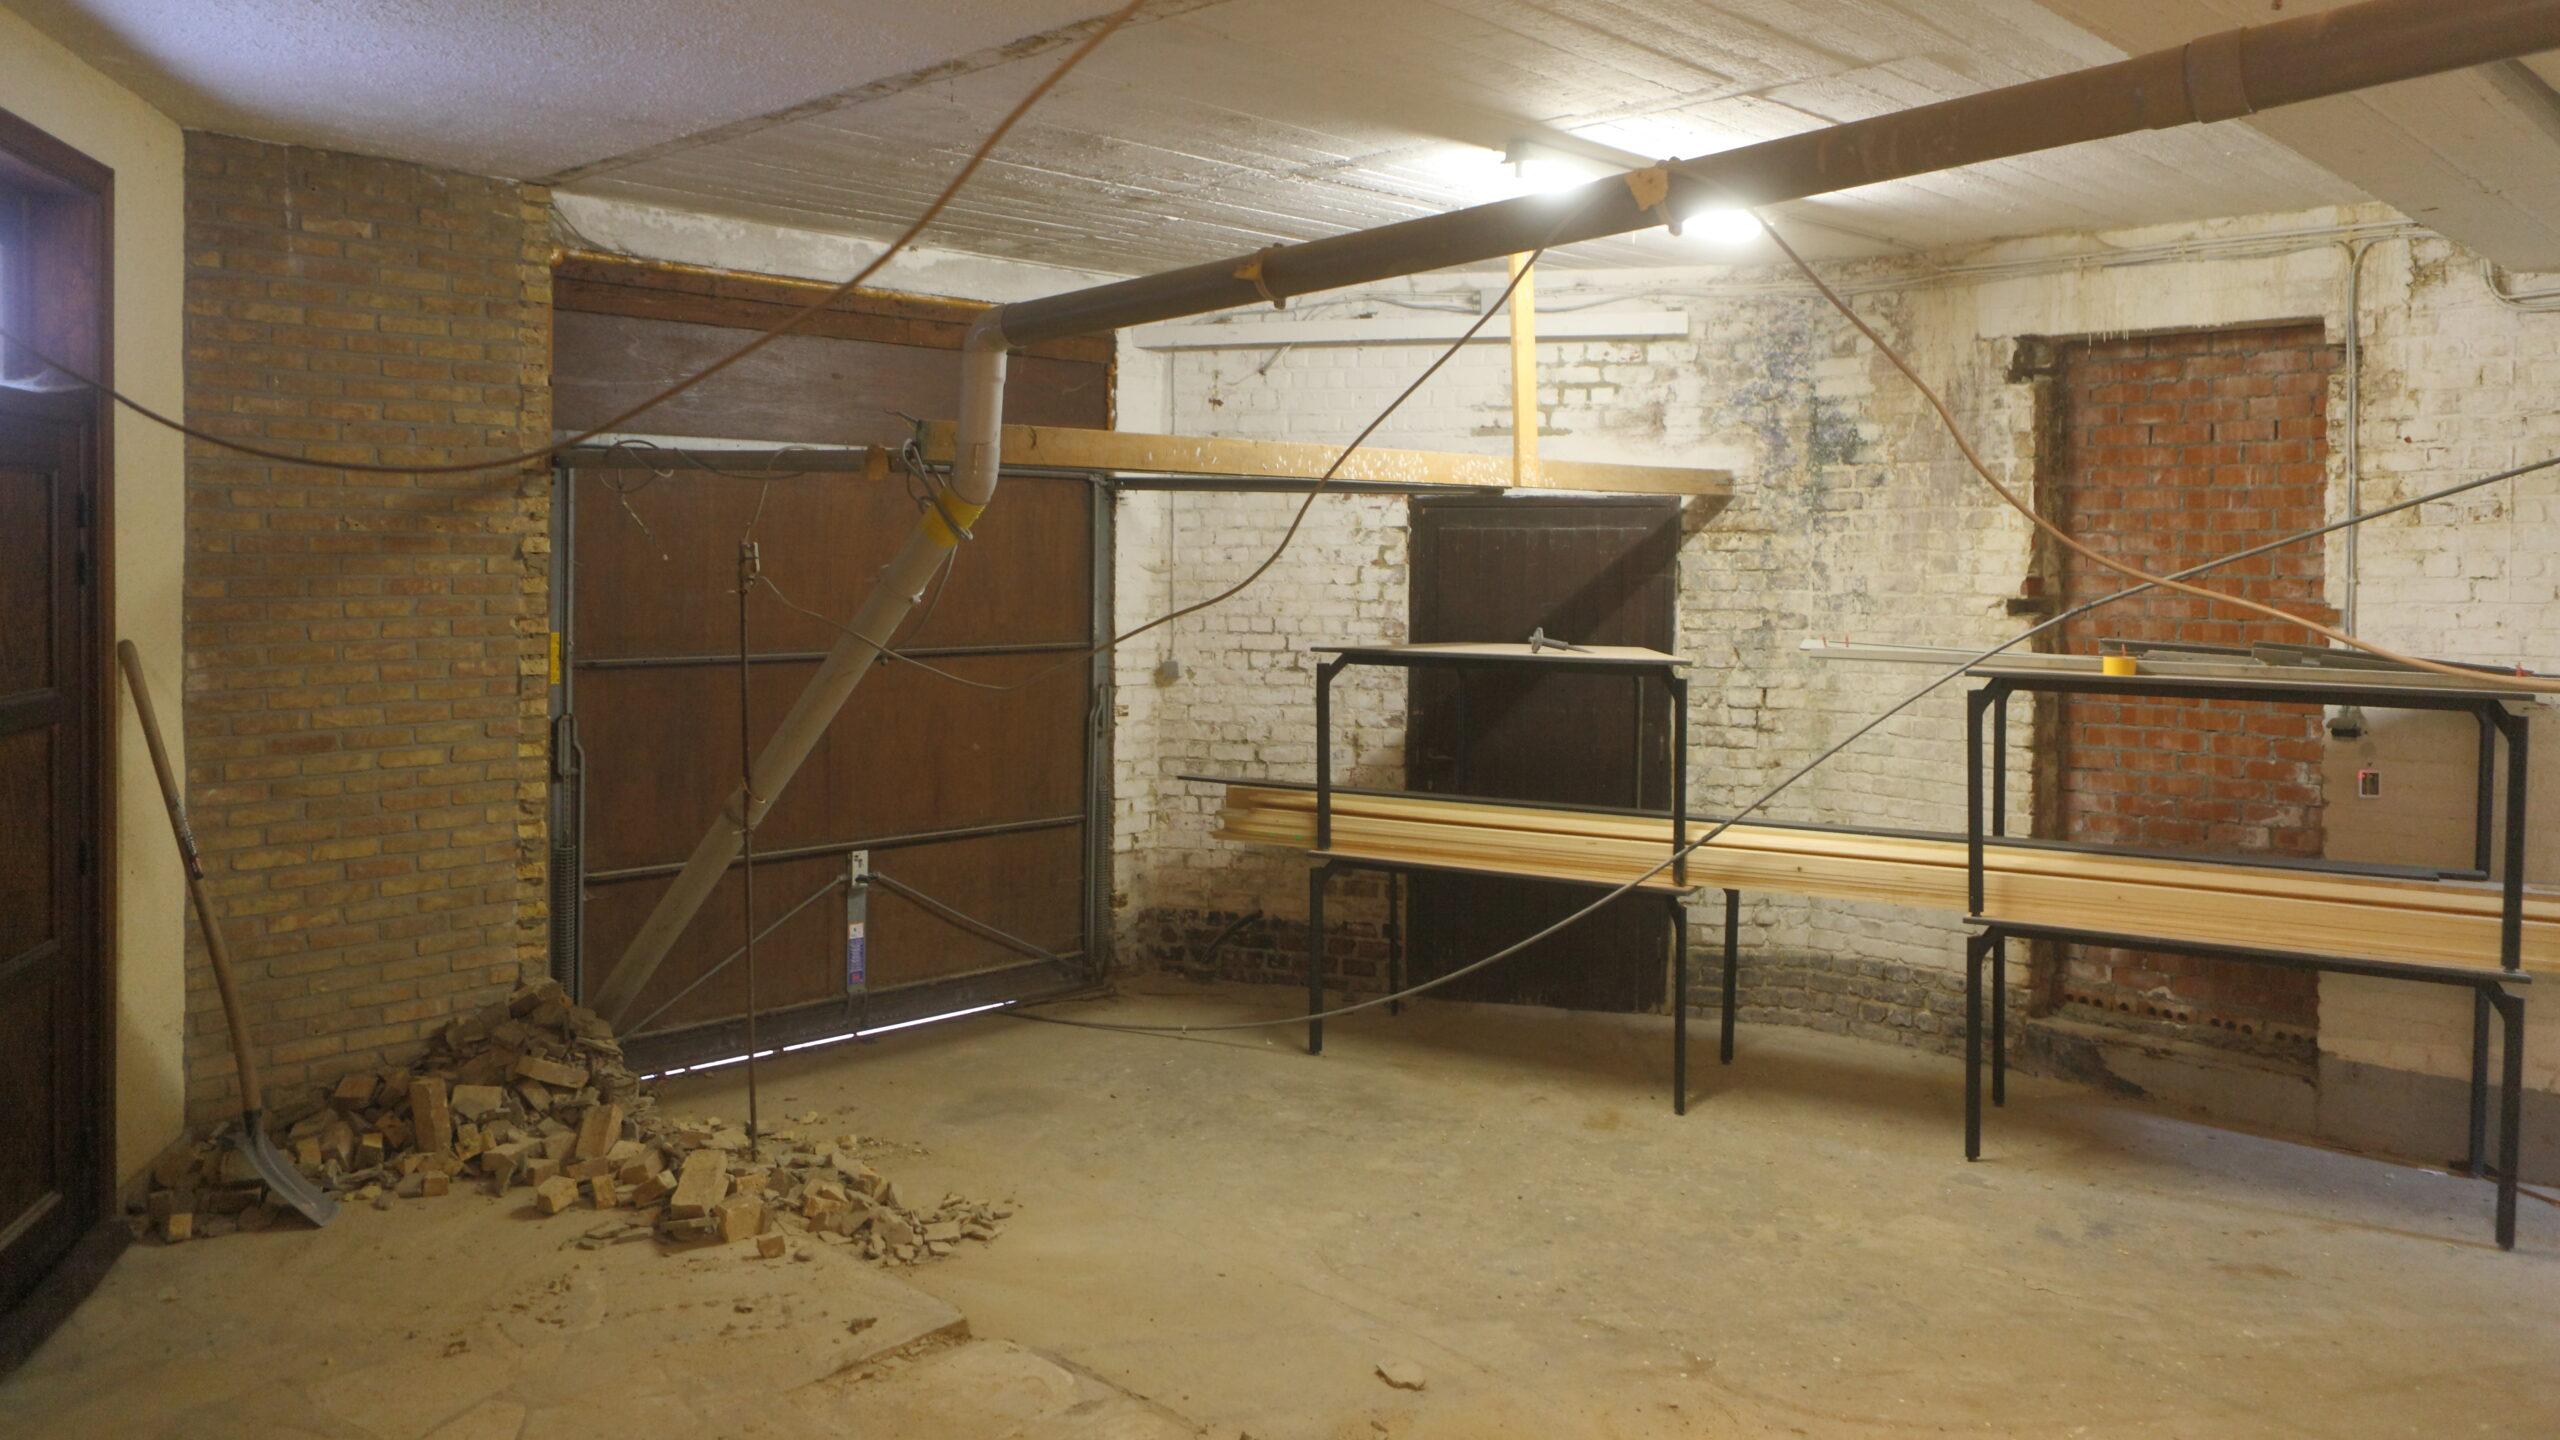 """De """"Saturnus""""-zaal van Hostellerie Kemmelberg **** werd gecreëerd uit een voormalige garage (die destijds dienst deed als opslagruimte). Een mooi schuifraam werd geplaatst waar vroeger een muur en garagepoort zaten. Het plafond werd verlaagd en zit vol met up-to-date apparatuur als airco, LED verlichting, high-end audio, enzovoort."""